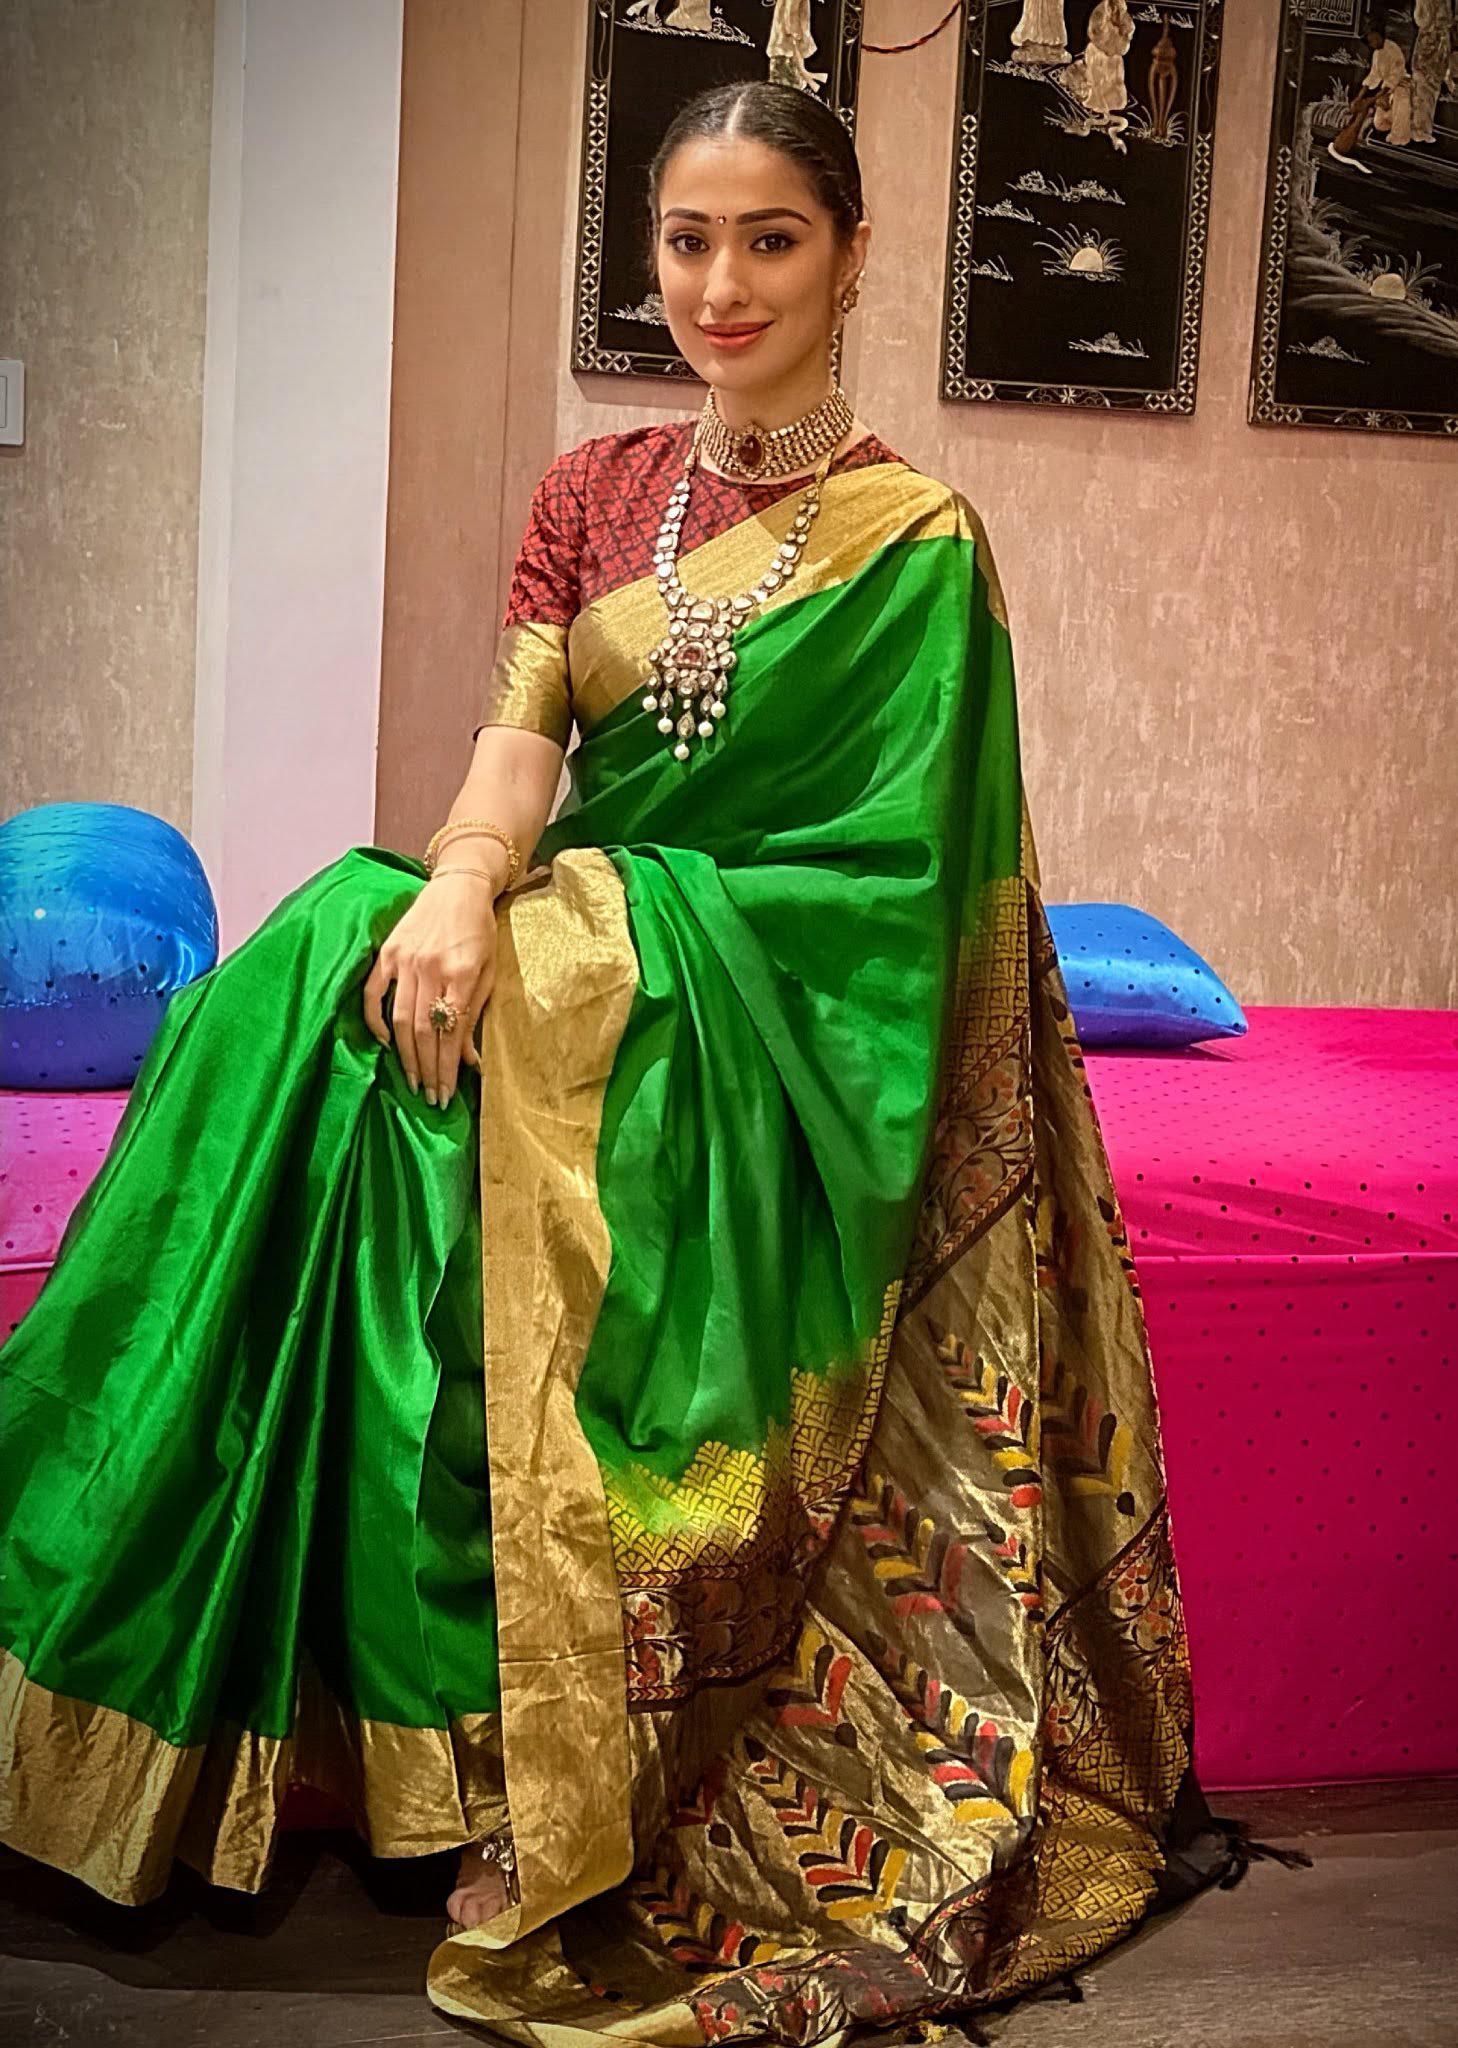 Rai-lakshmi-latest-images-32479